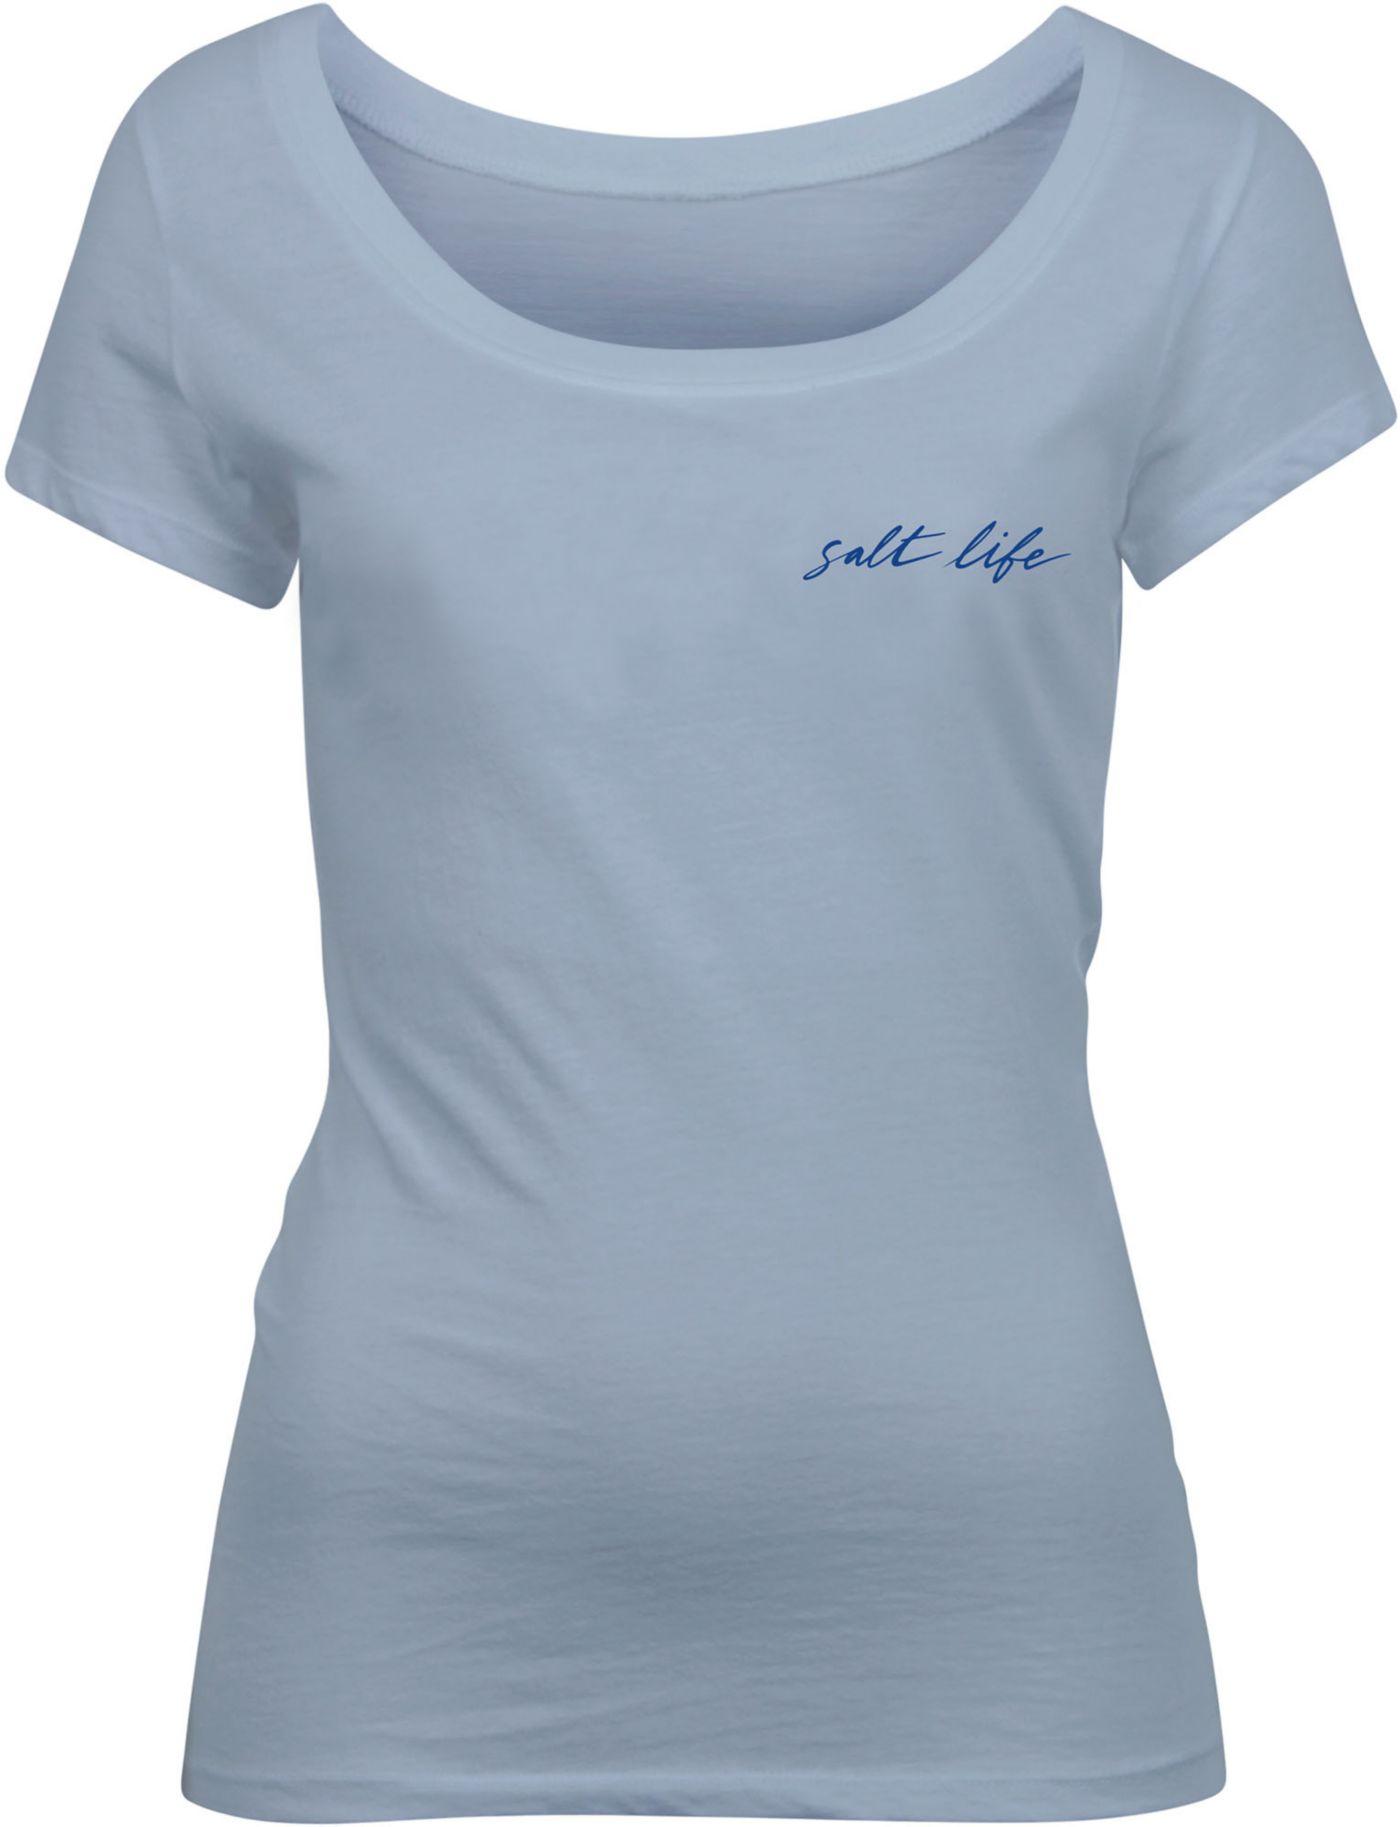 Salt Life Women's Good Times Scoop Neck T-Shirt